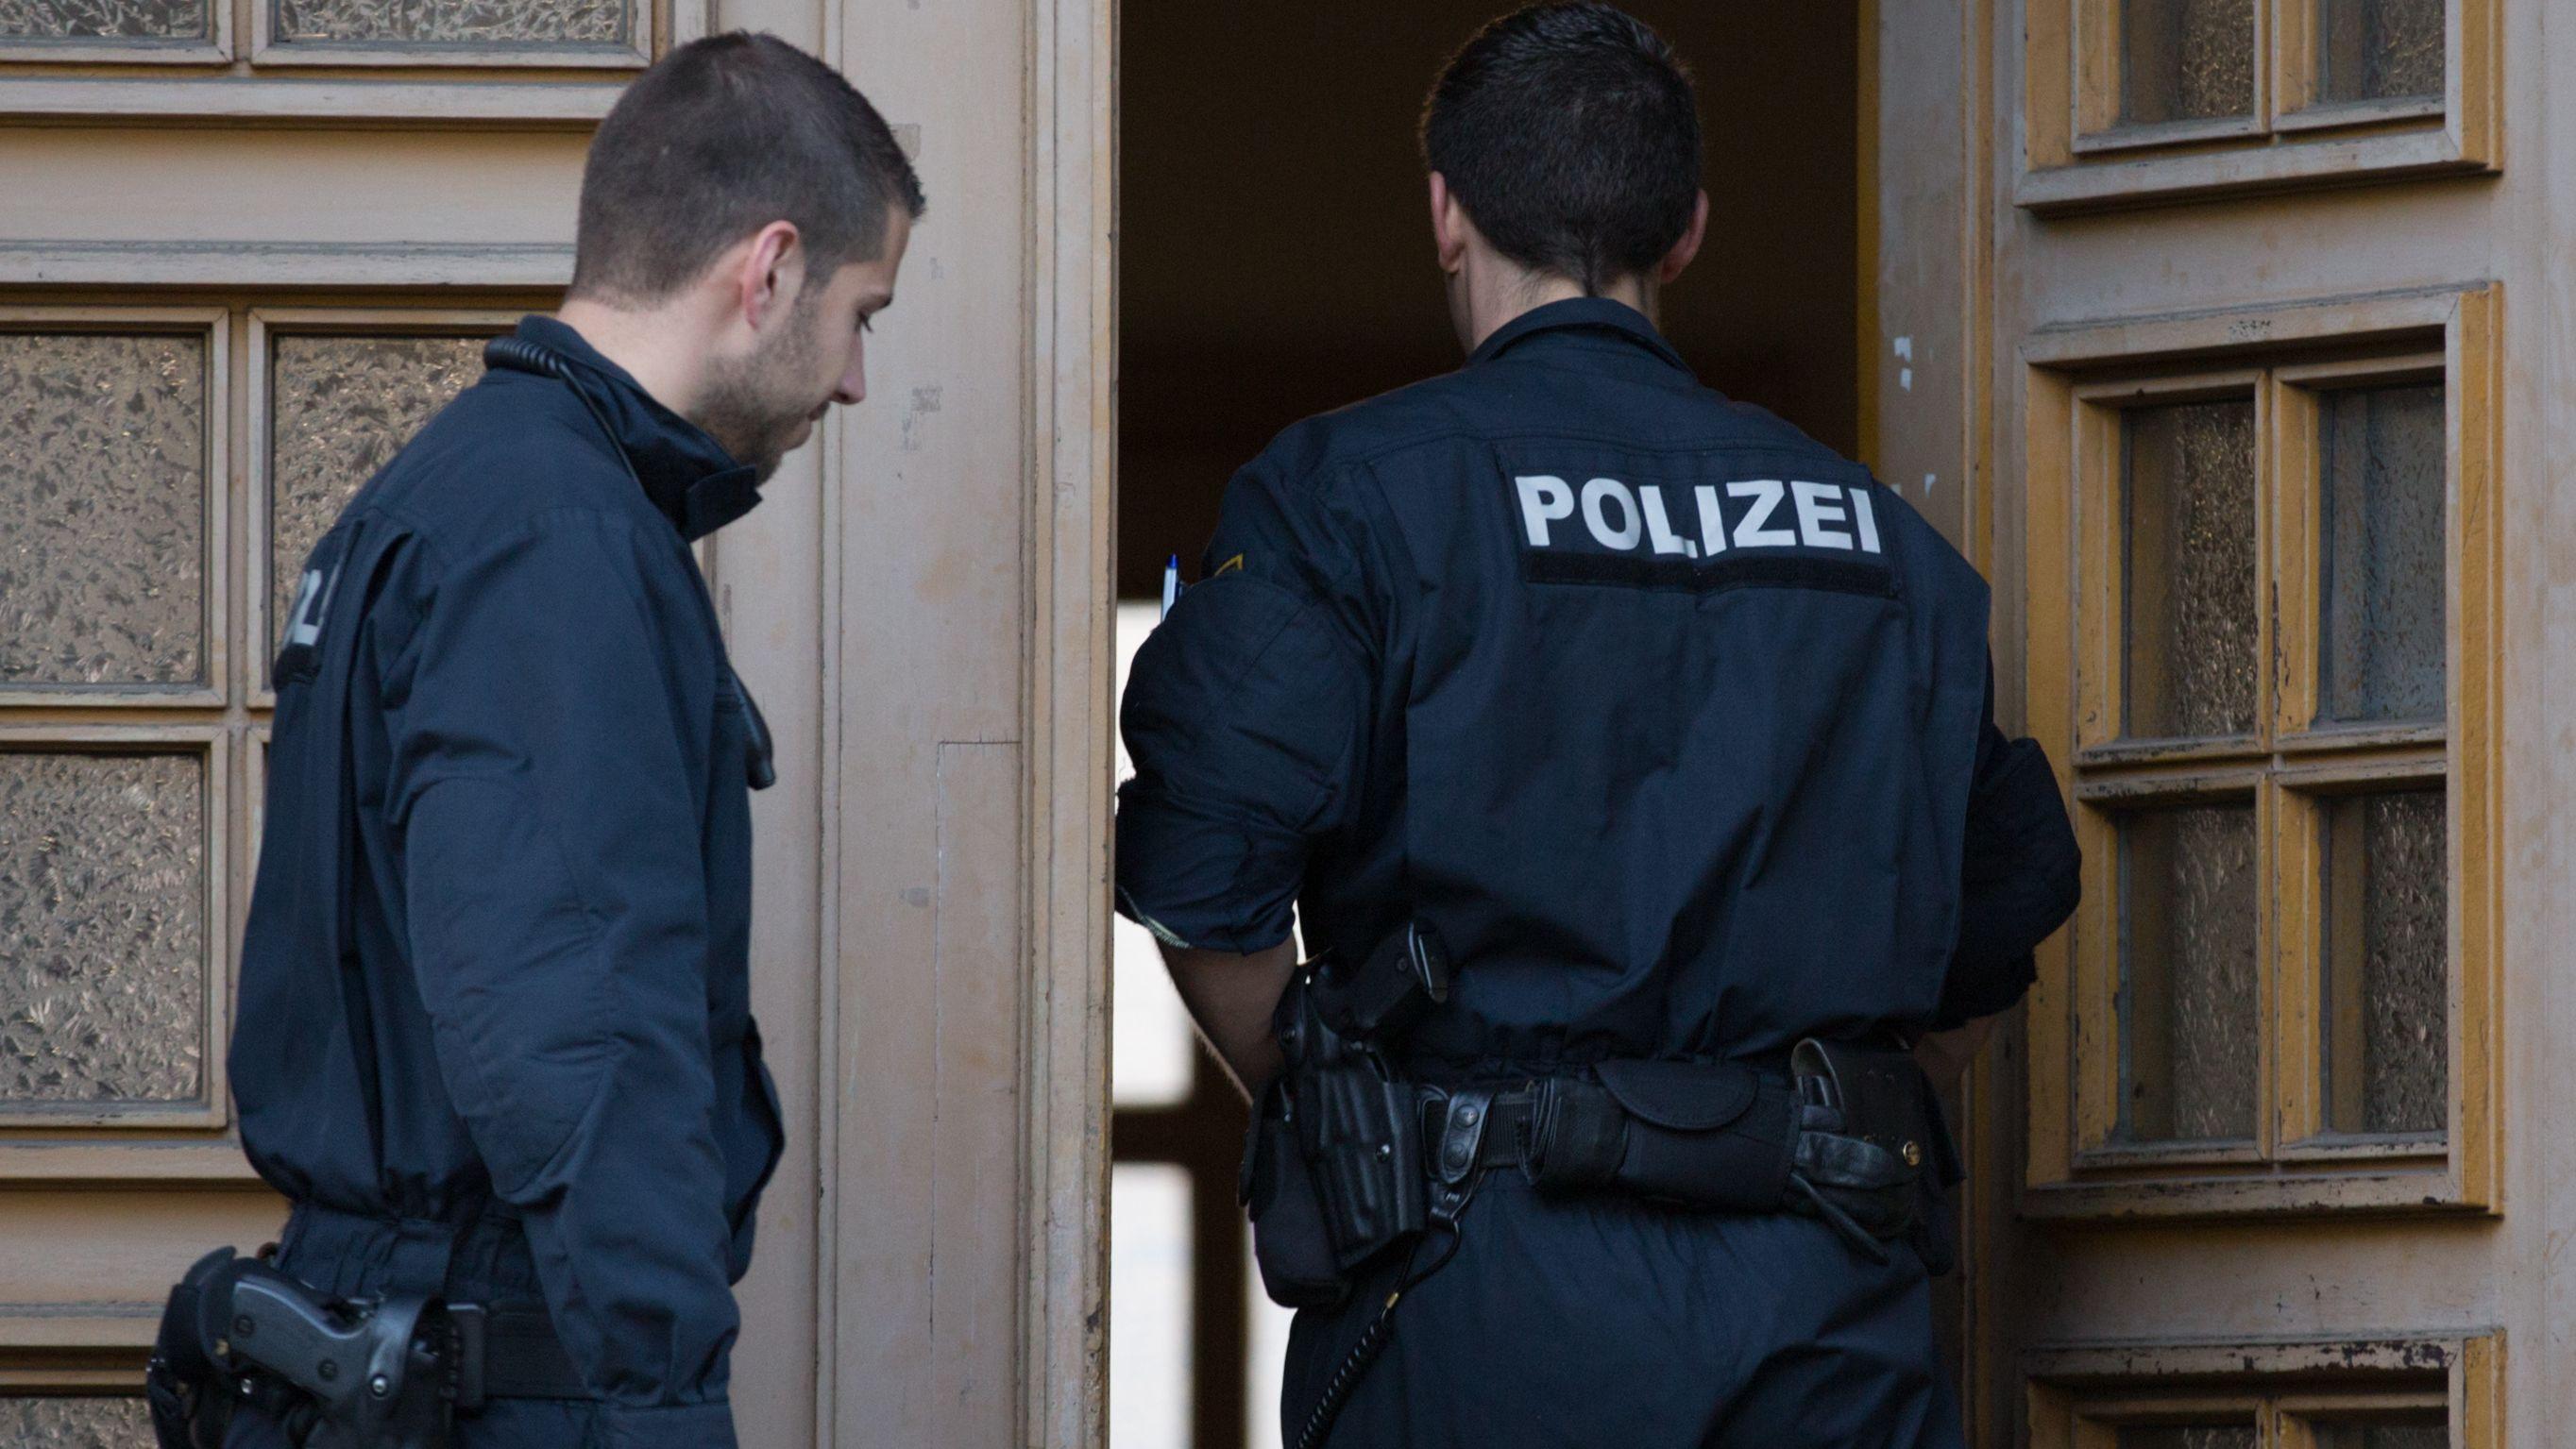 Zwei Polizisten an einer Haustür (Symbolbild)